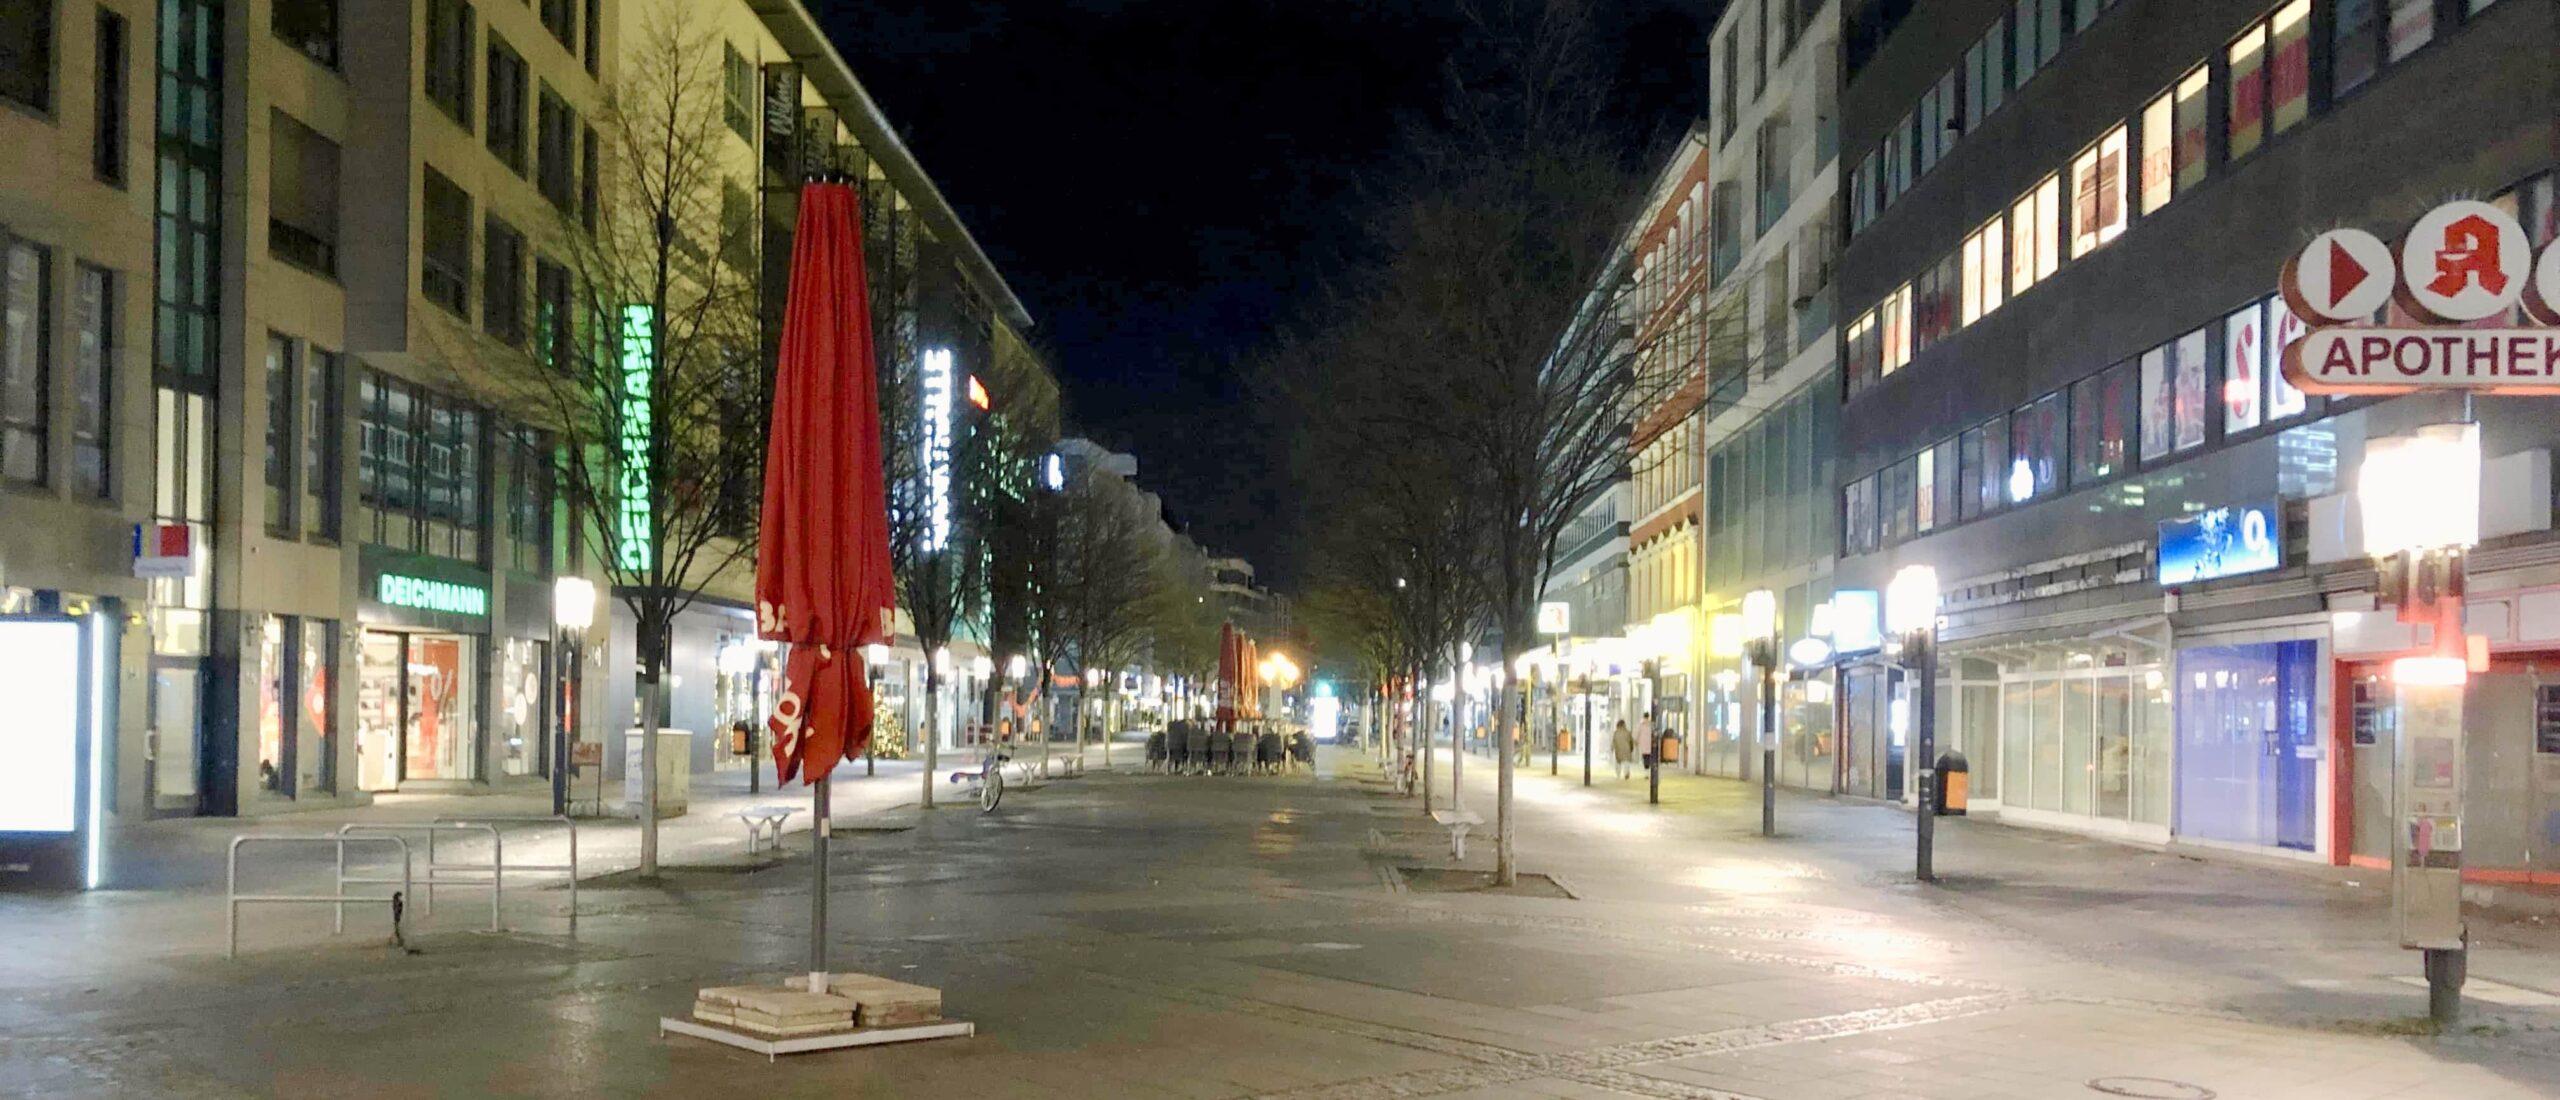 Wilmersdorfer Straße ohne Weihnachtsbeleuchtung am 29.12.20